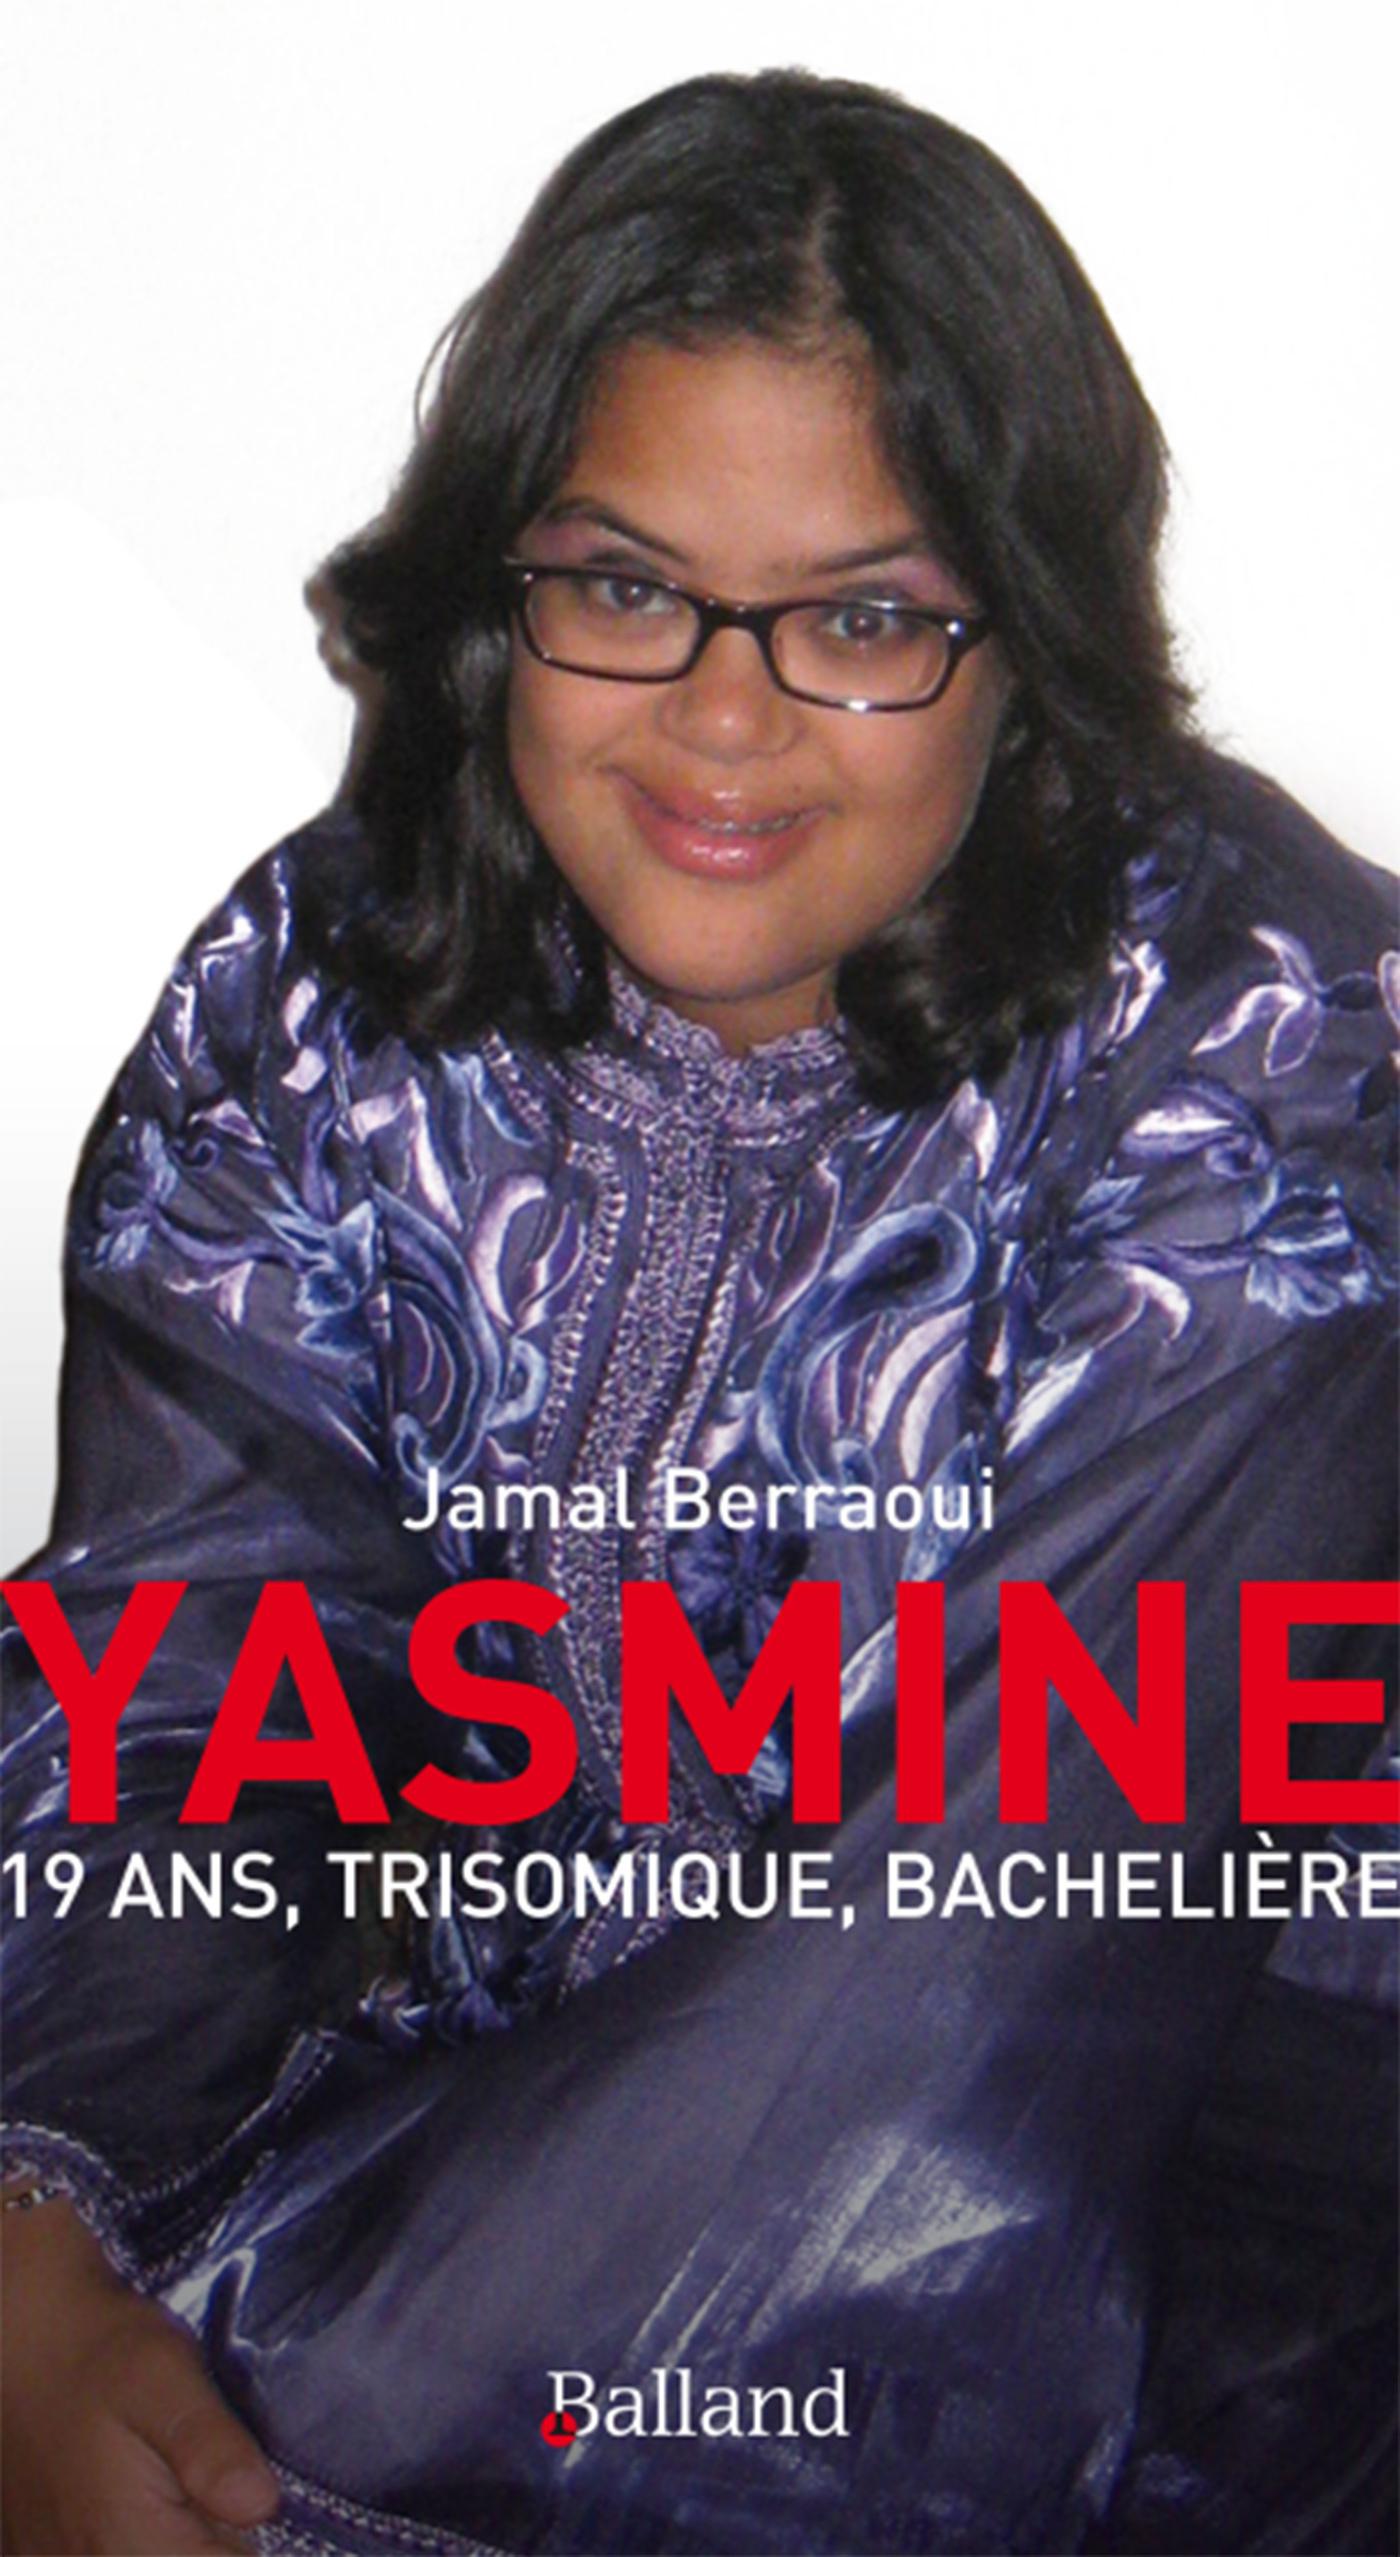 YASMINE 19 ANS TRISOMIQUE ET BACHELIERE